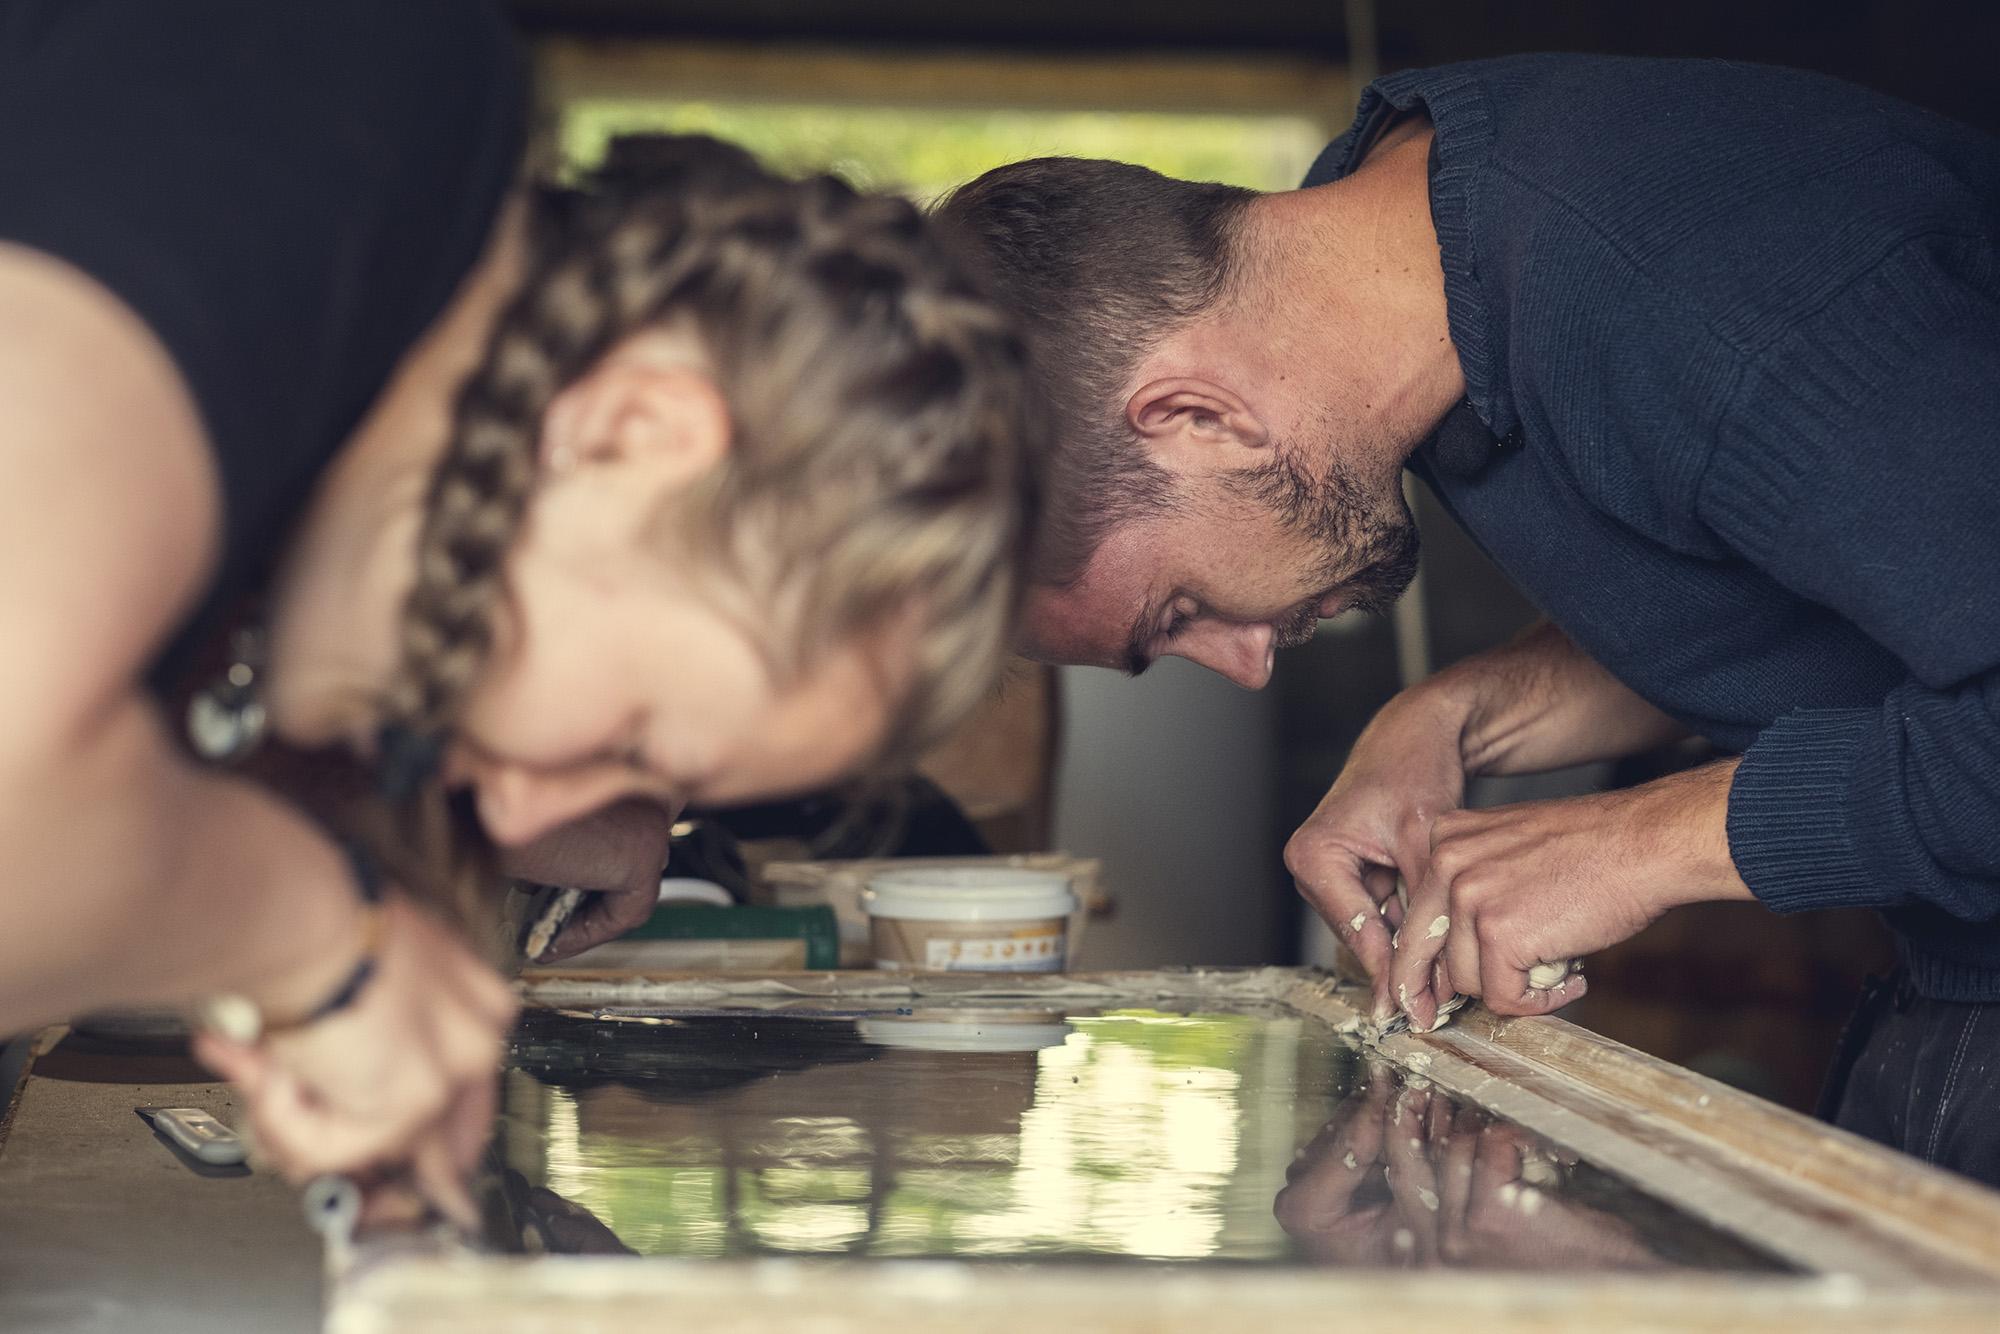 Kursdeltaker Ella og kursholder Rune jobber med kittekanten. (Foto: Bård Gundersen)